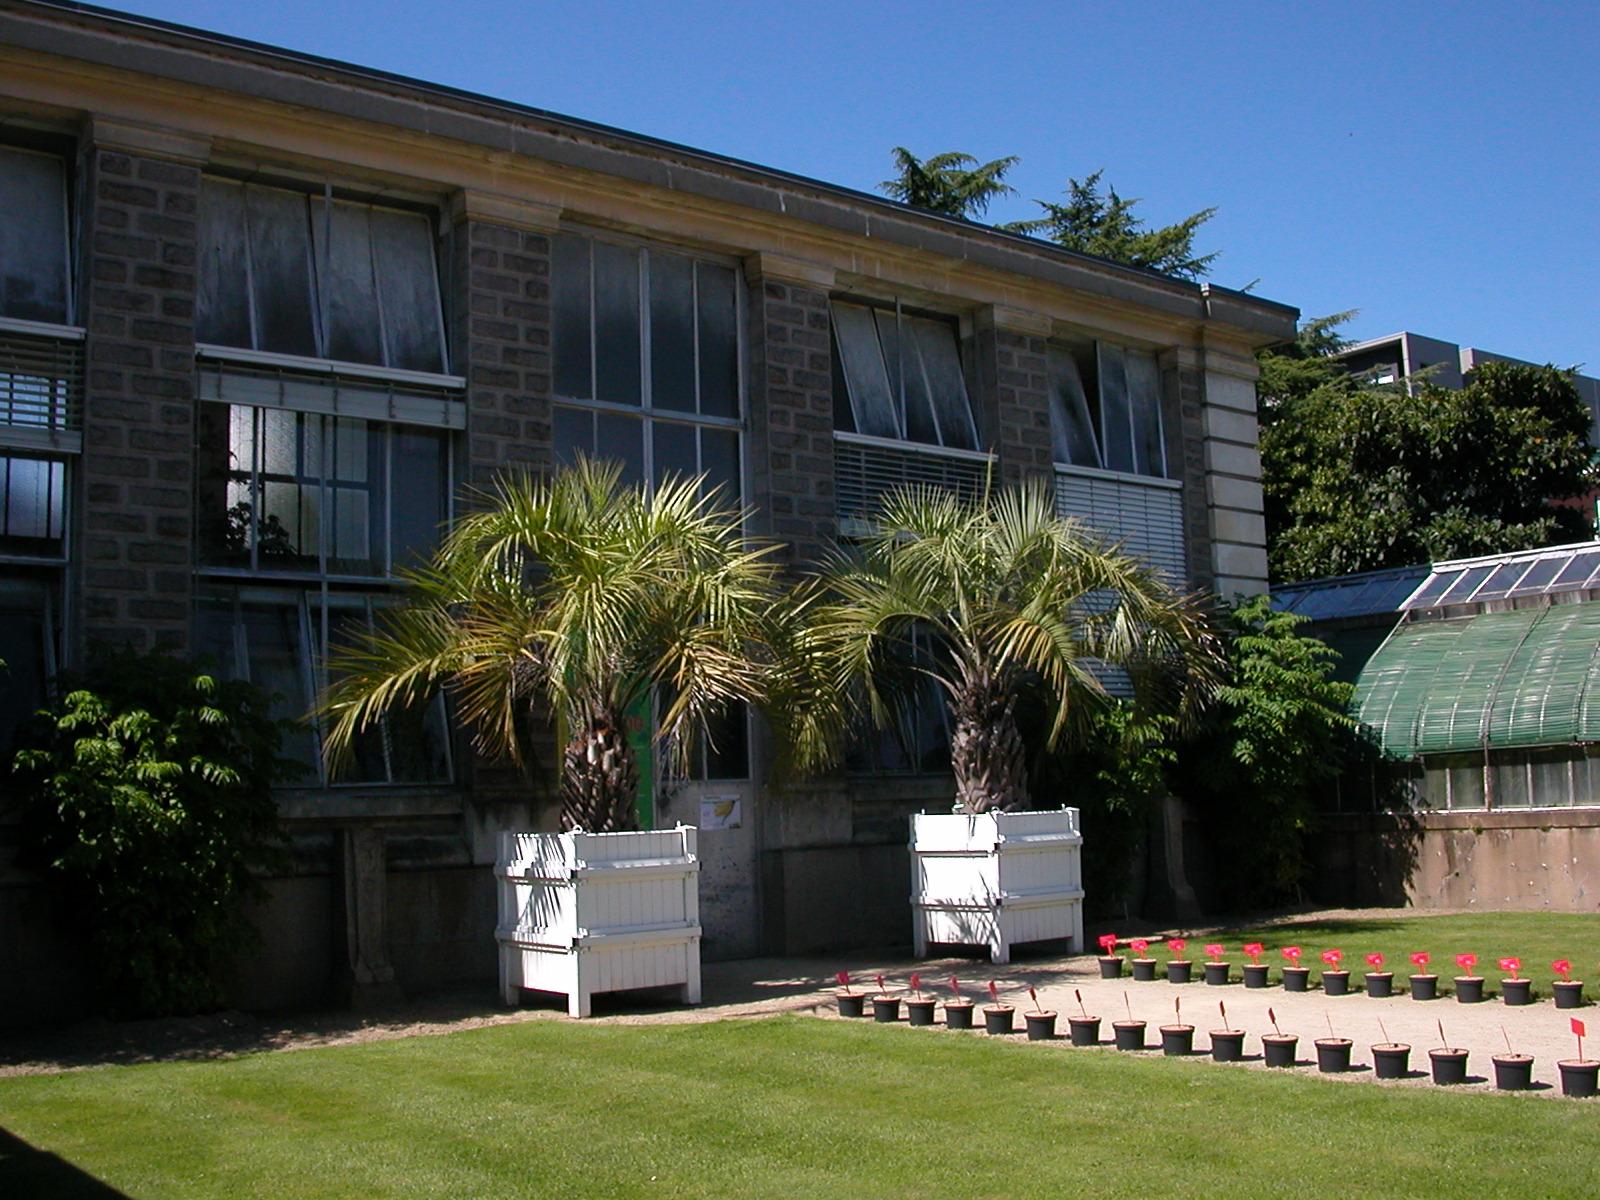 Emejing l orangerie nantes jardin des plantes photos for Jardin orangerie